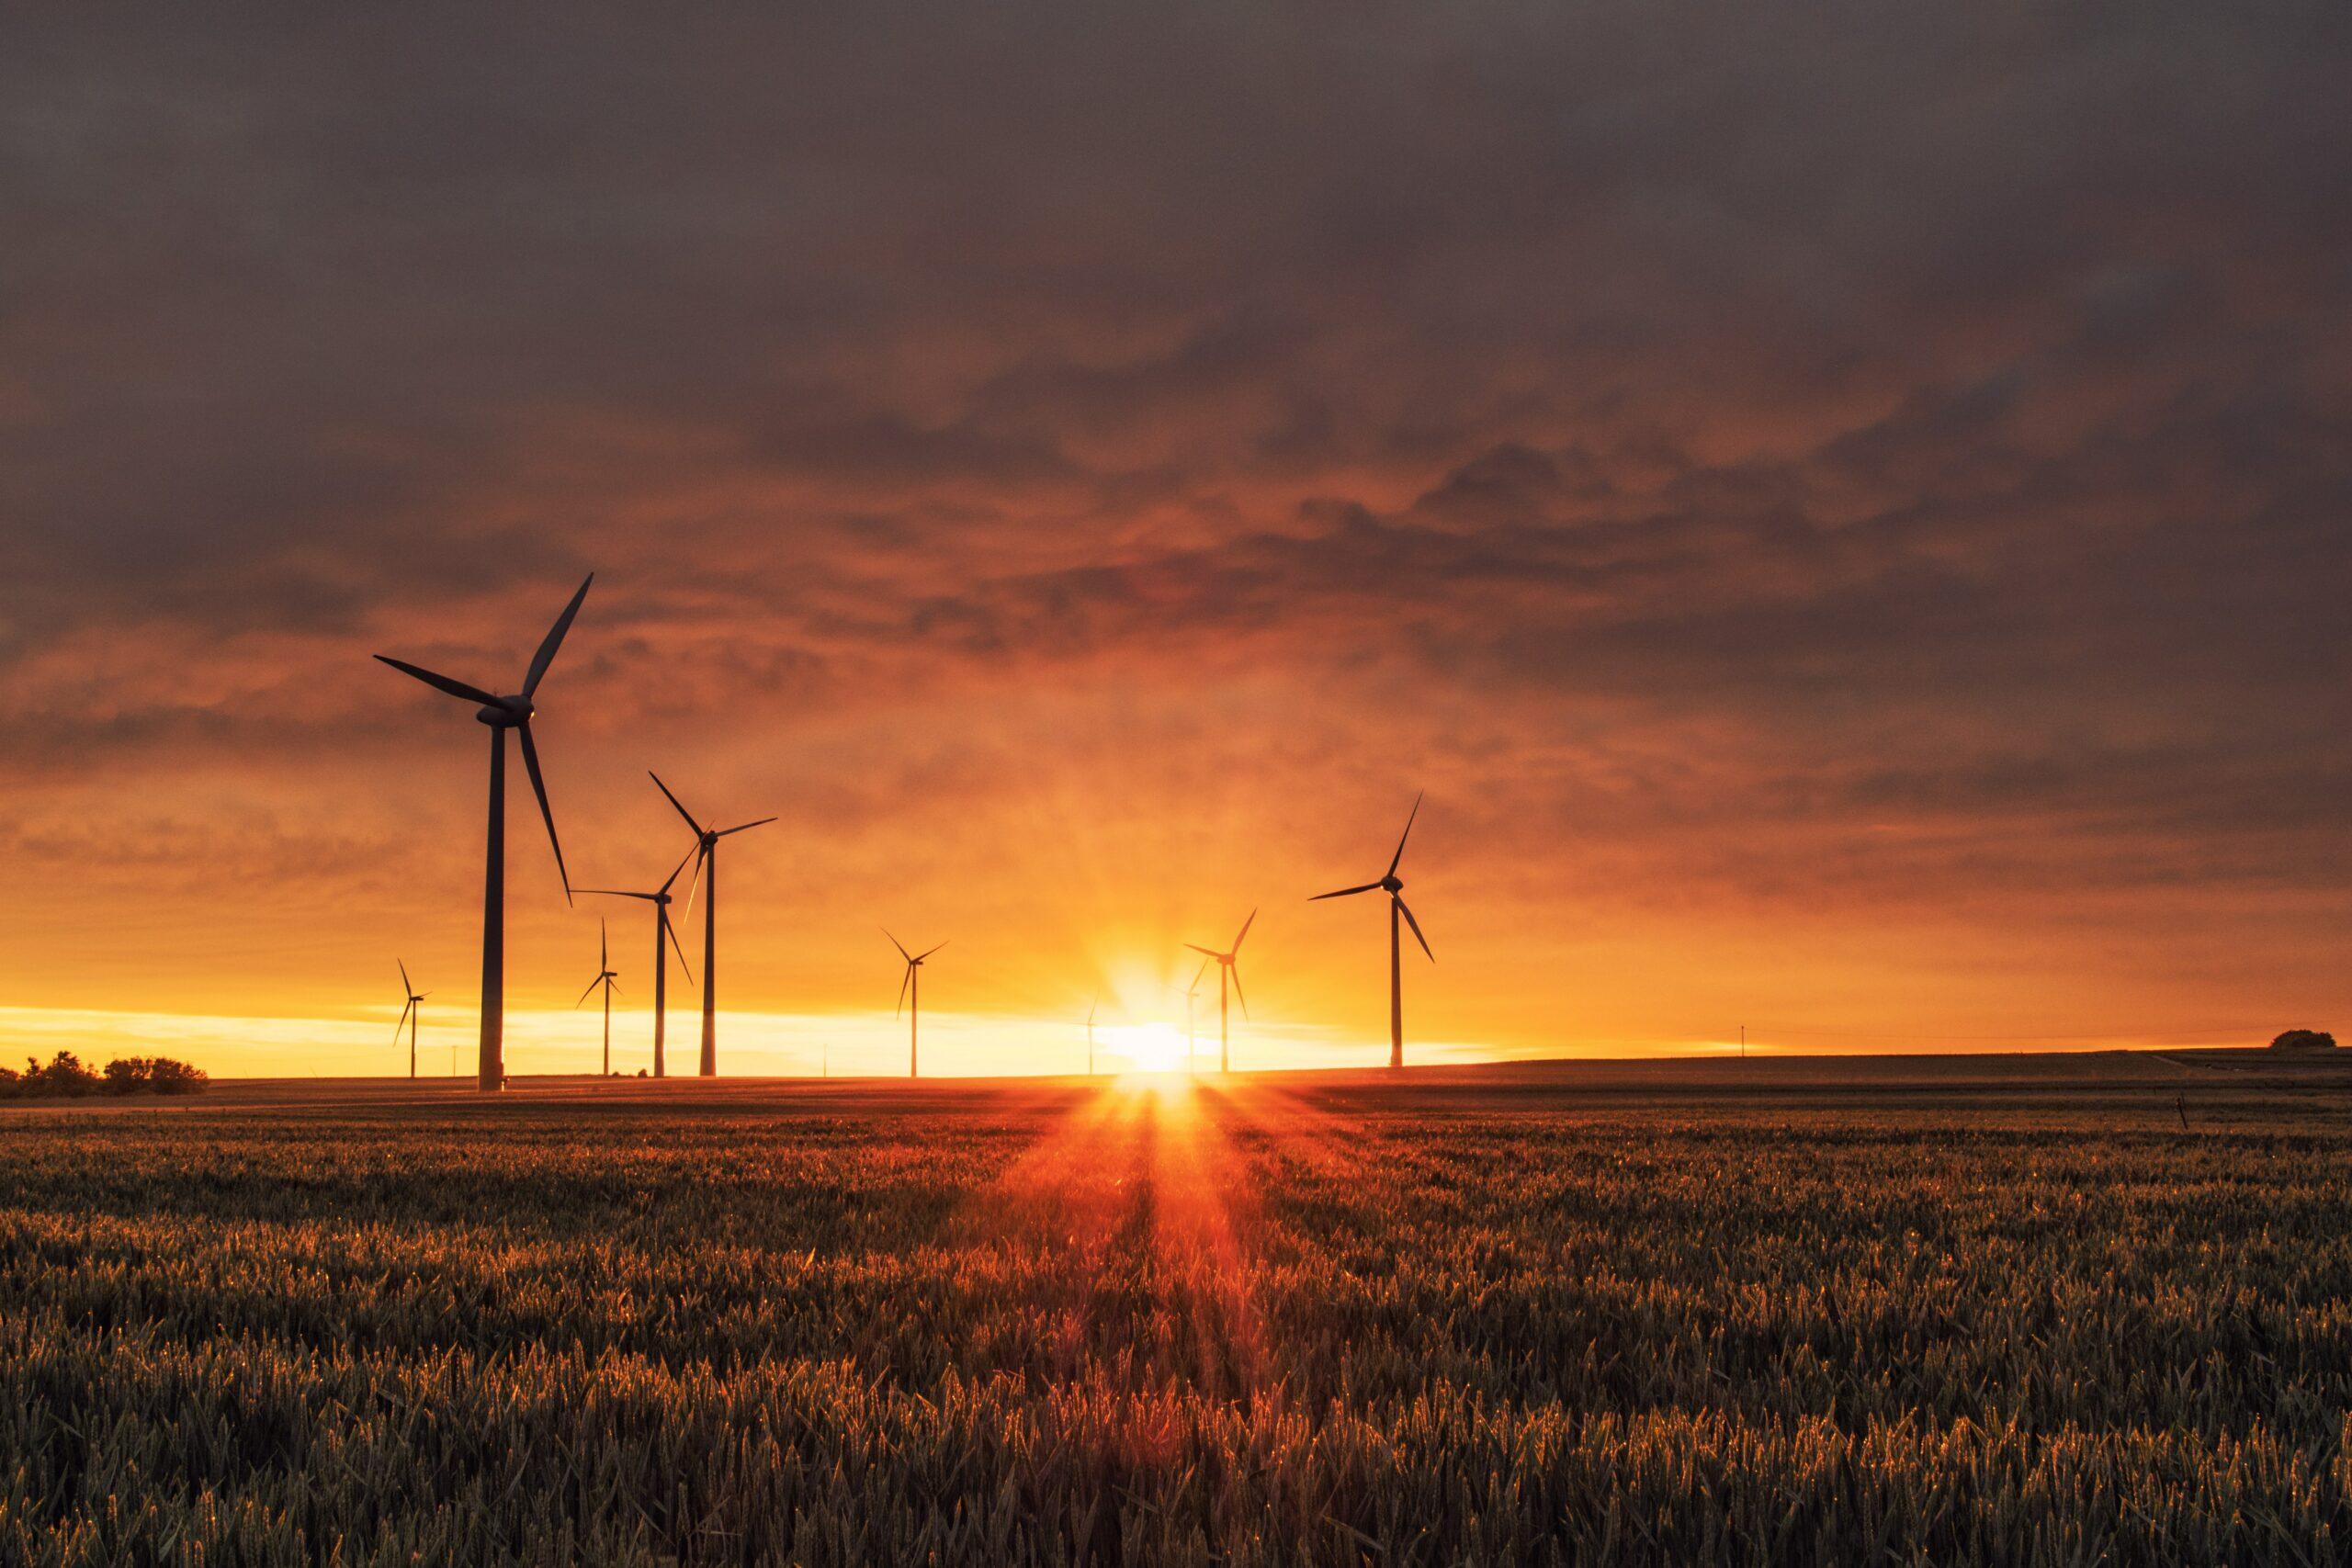 karsten-wurth-wind energy